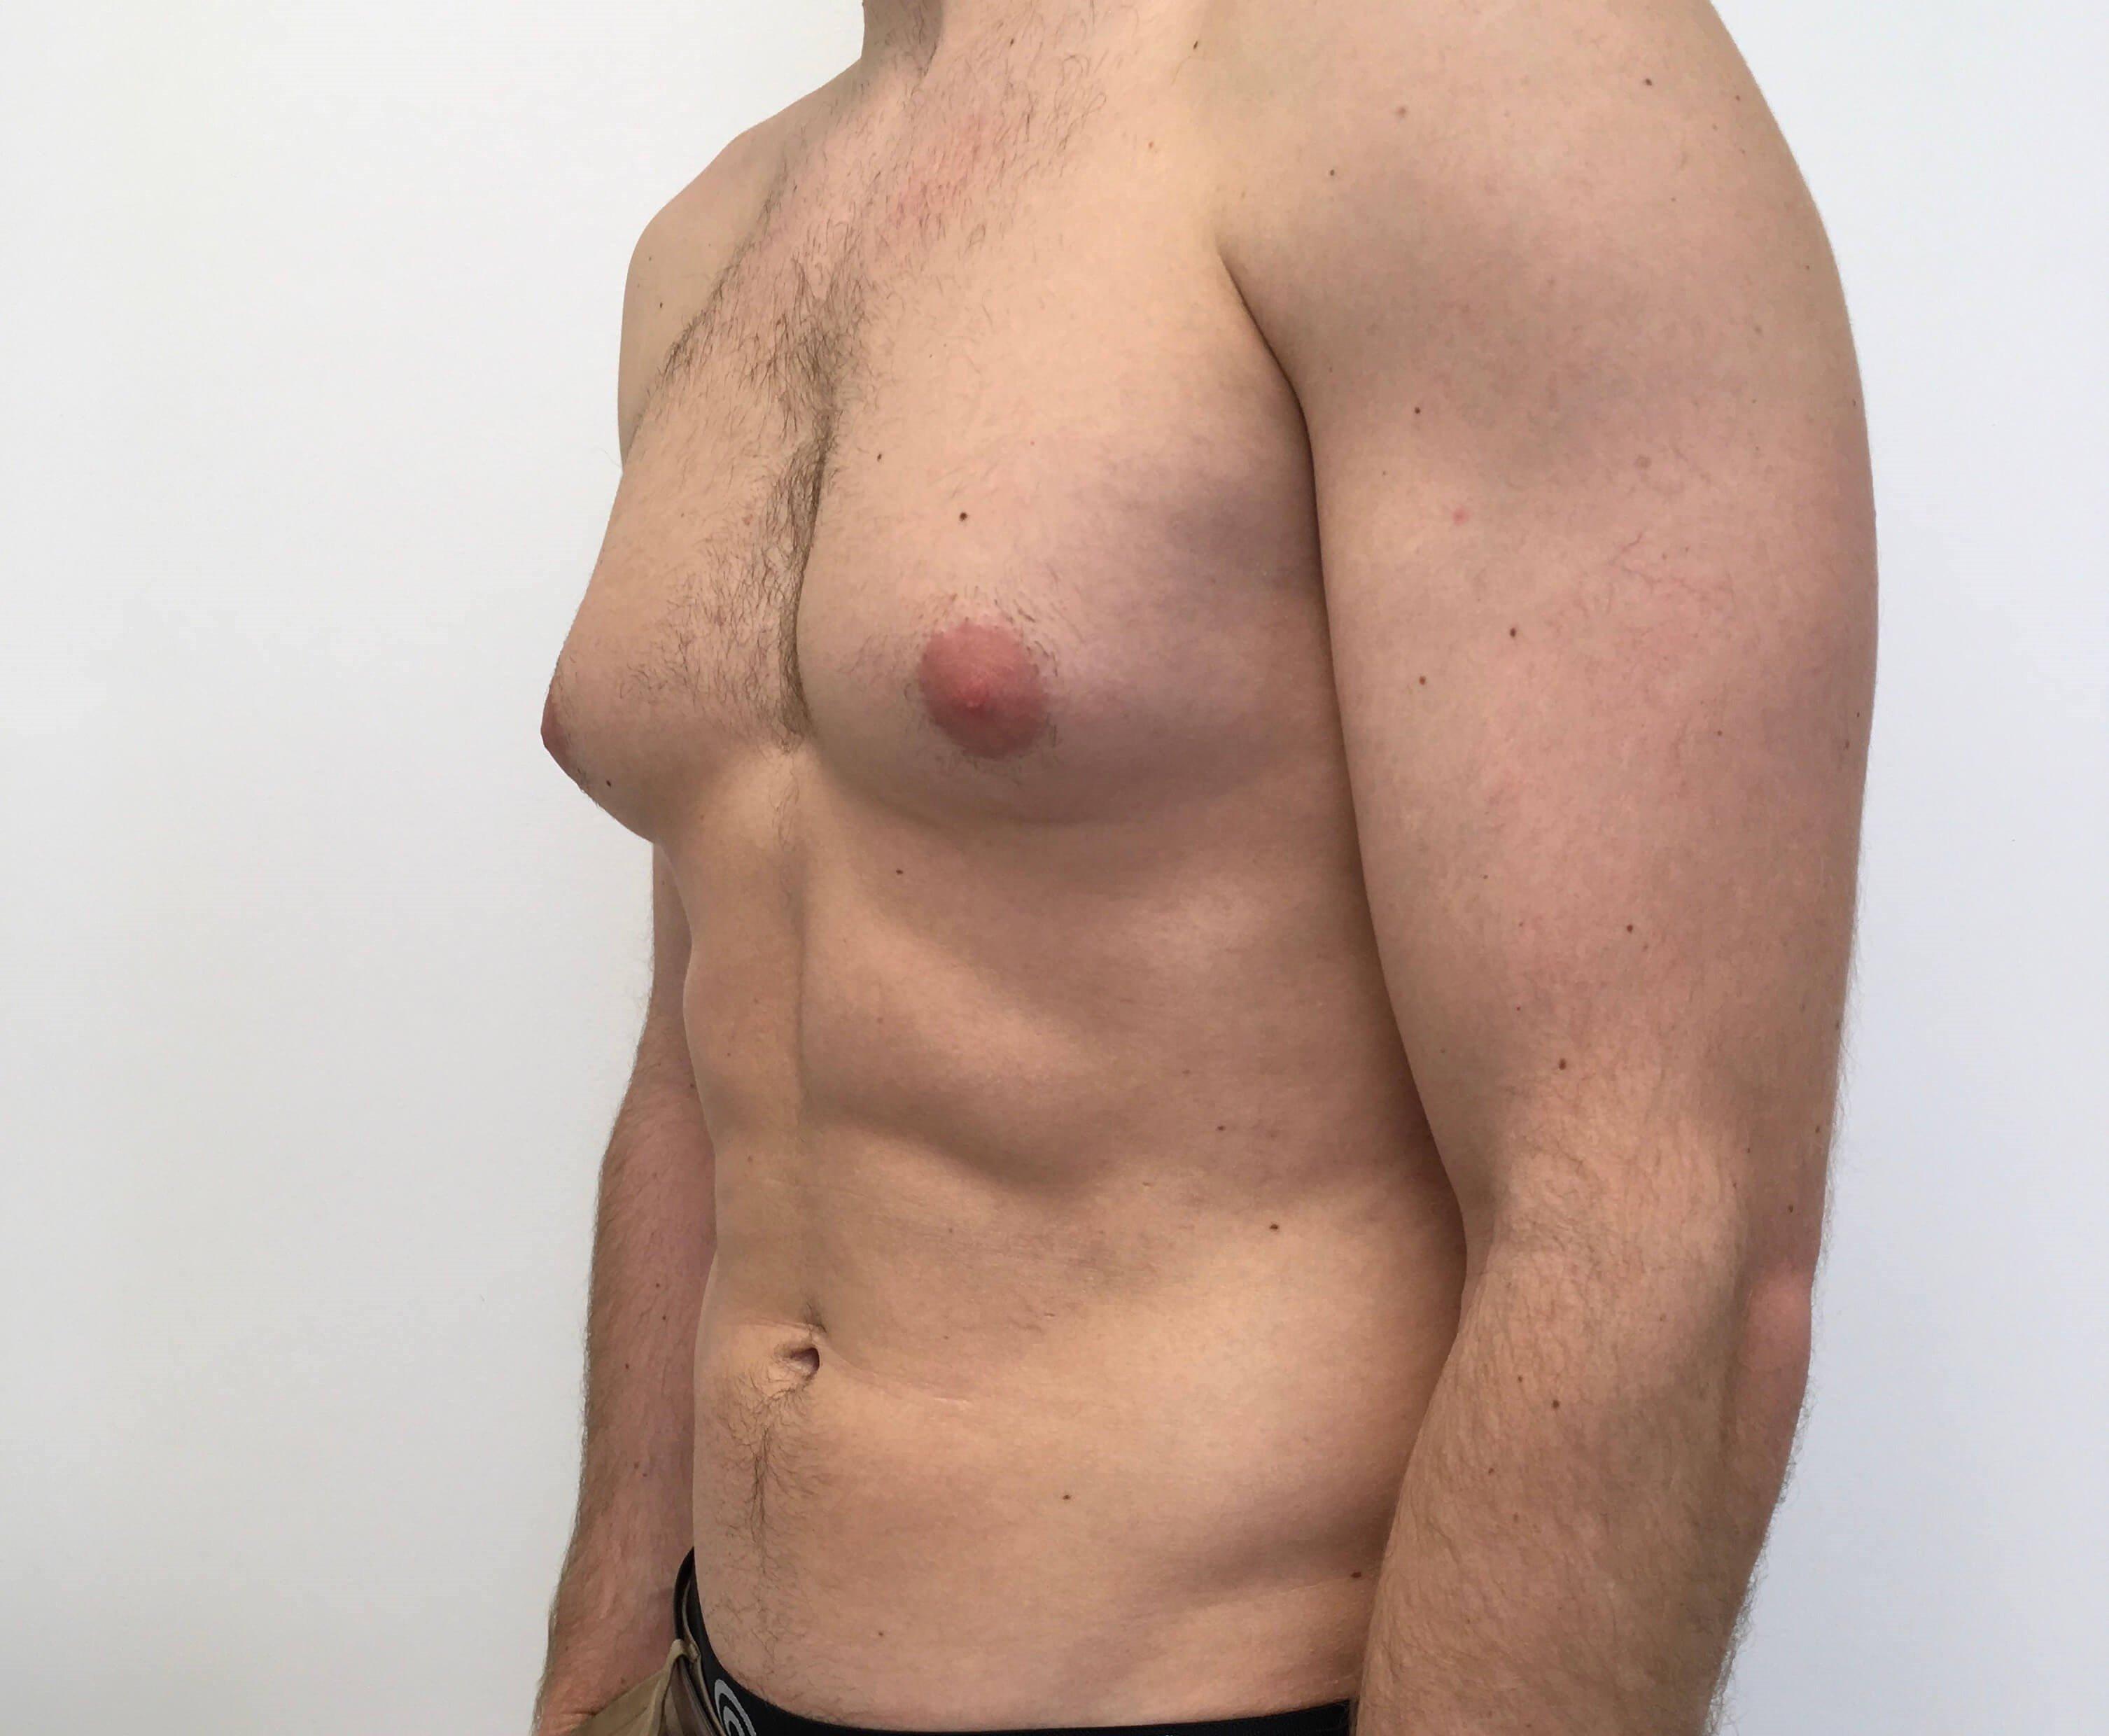 Мастопатия у мужчин: симптомы и лечение мужских молочных желез. мастопатия у мужчин: причины заболевания, симптомы, лечение.